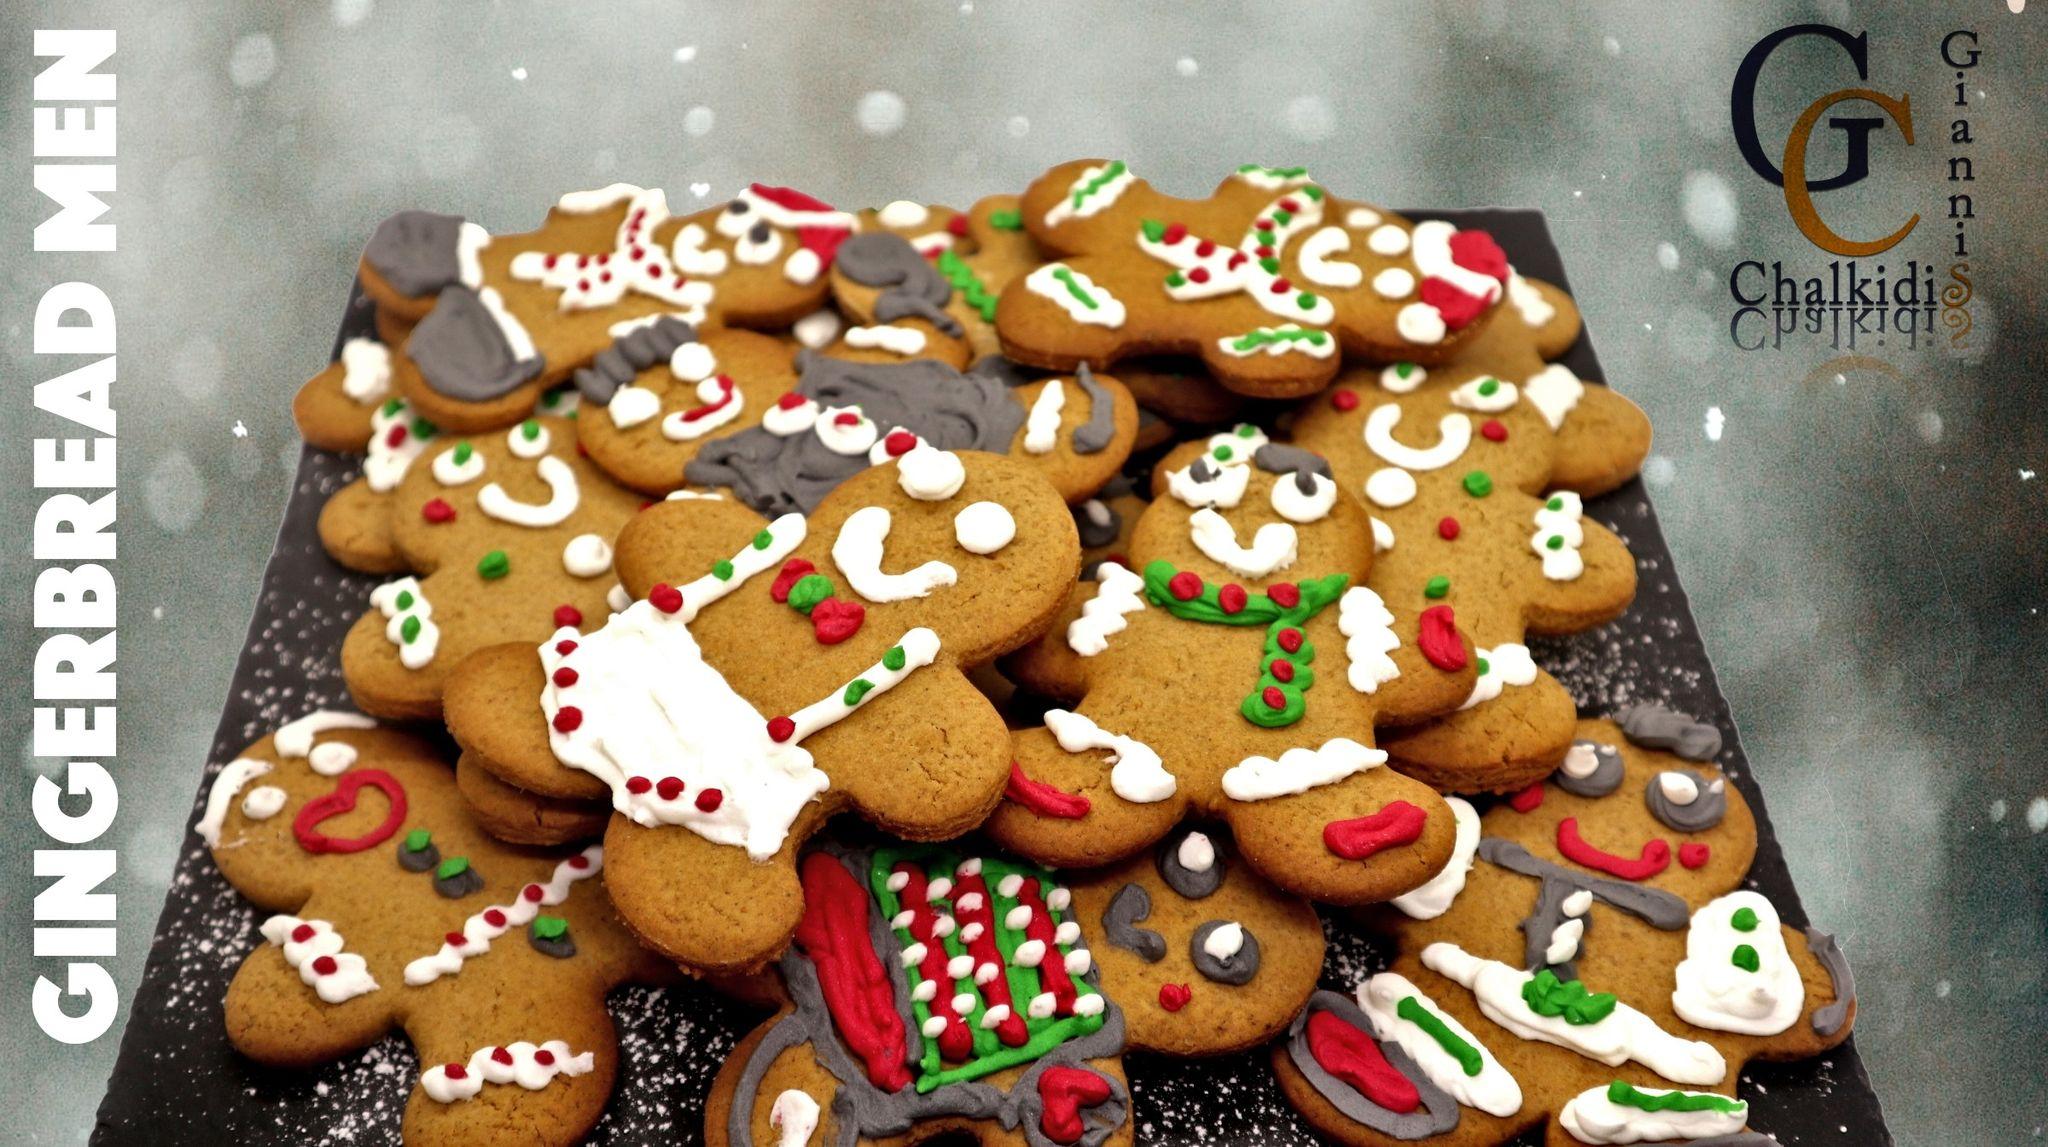 Υπέροχα μπισκότα Gingerbread men από το Γιάννη Χαλκίδη